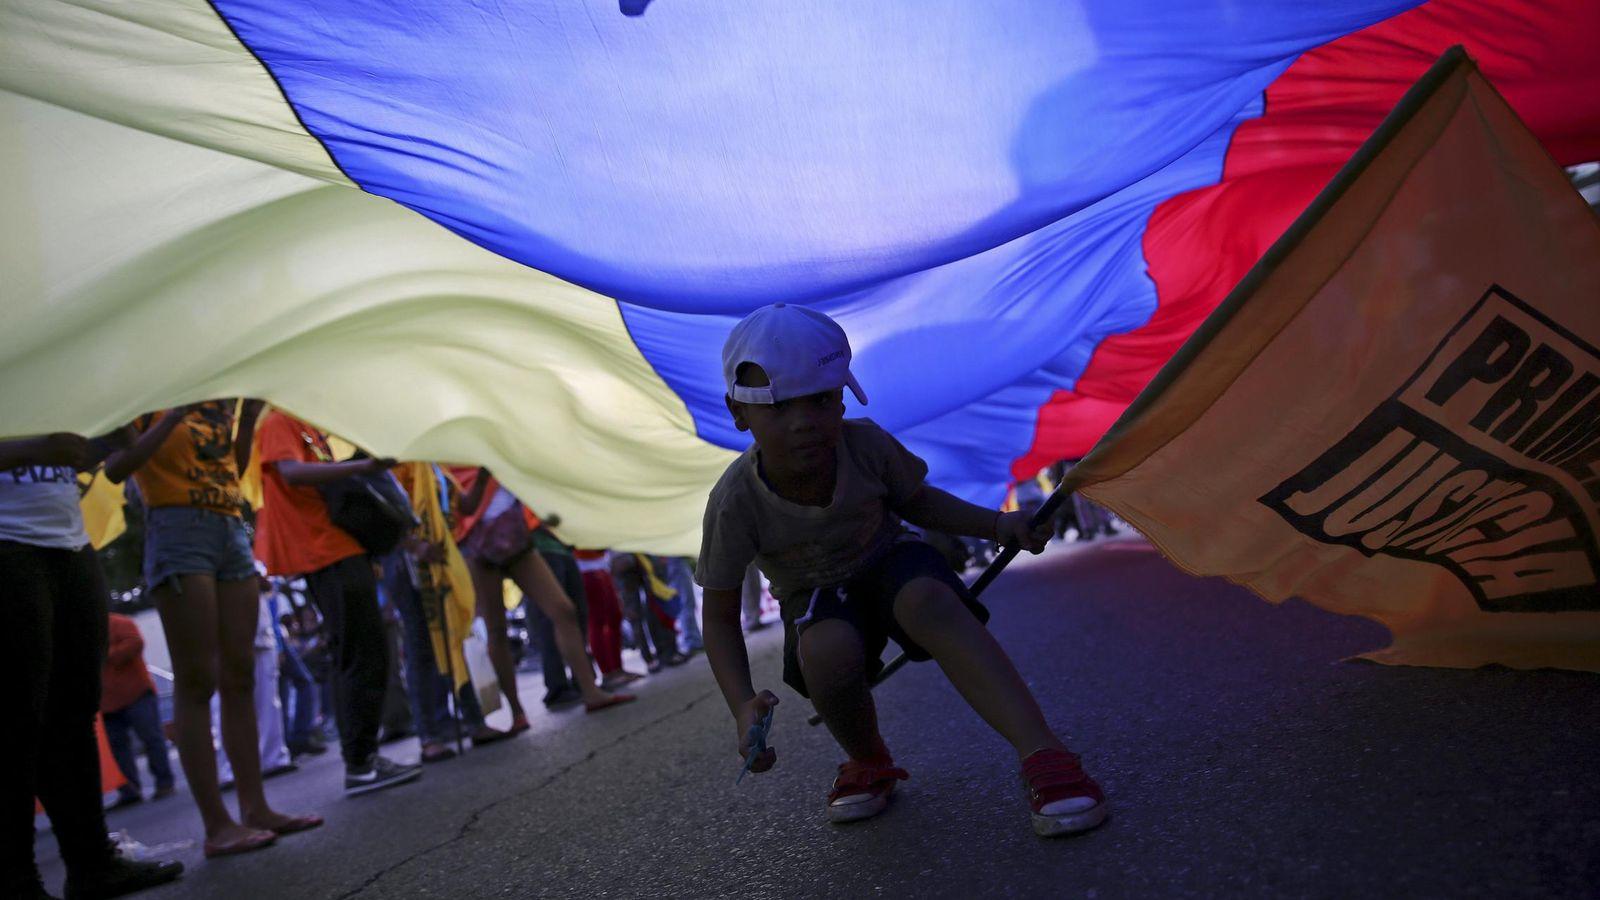 Foto: El hijo de un opositor sostiene una bandera donde puede leerse 'Justicia', durante un mitin electoral de la oposición venezolana, en Caracas, el 3 de diciembre de 2015 (Reuters).